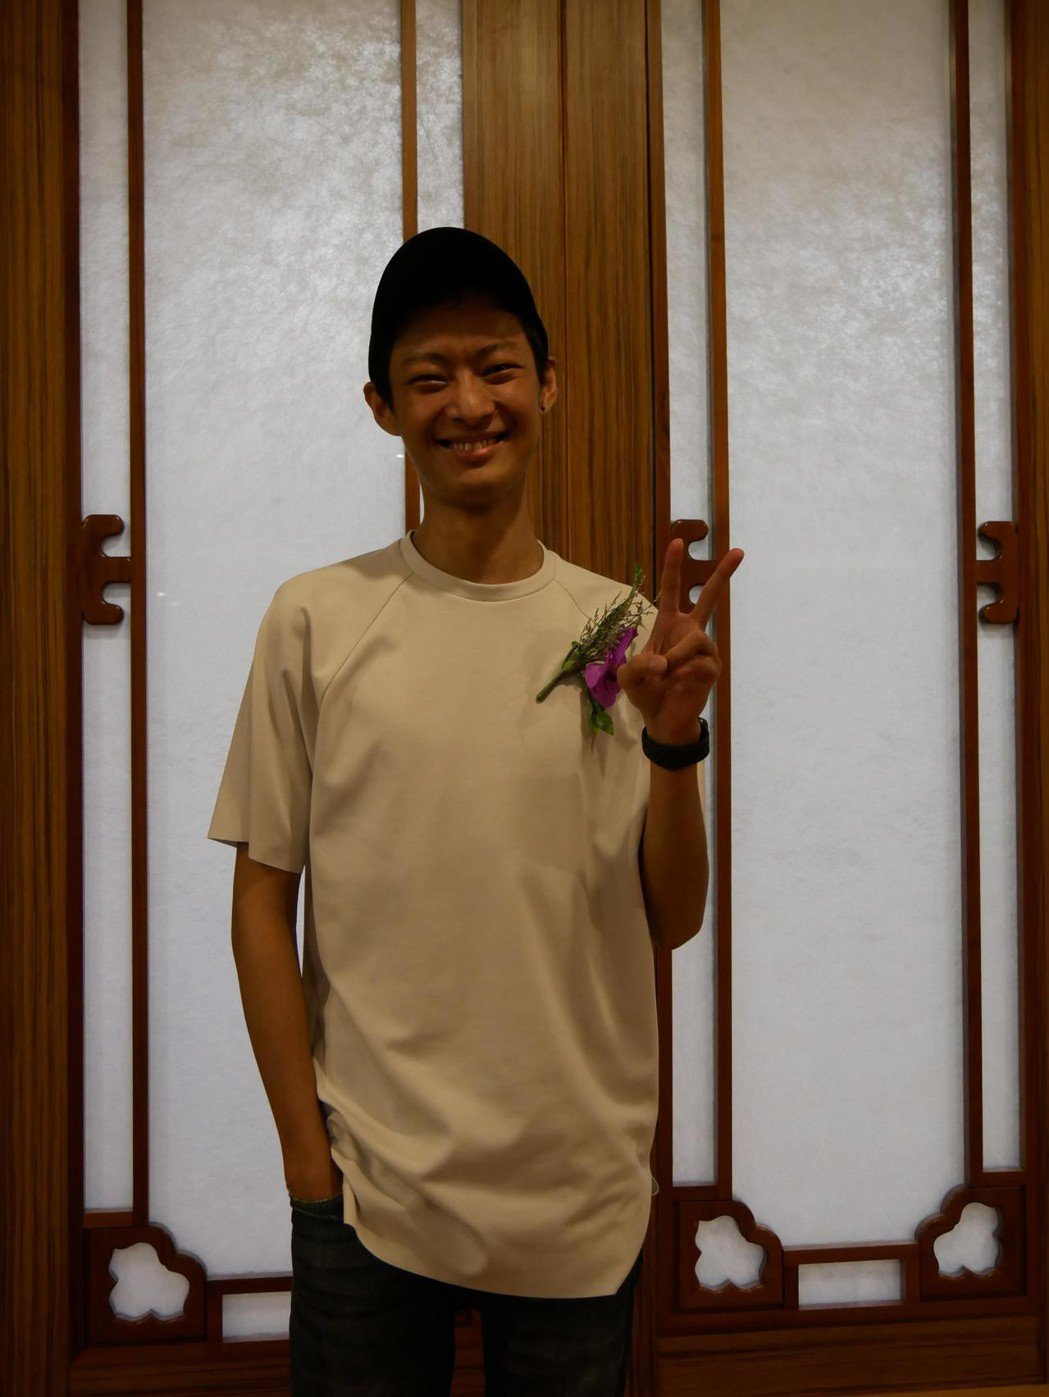 去年受贈骨髓成功的朱頤也在今年與其他癌友成立「血拾人生」。記者林良齊/攝影